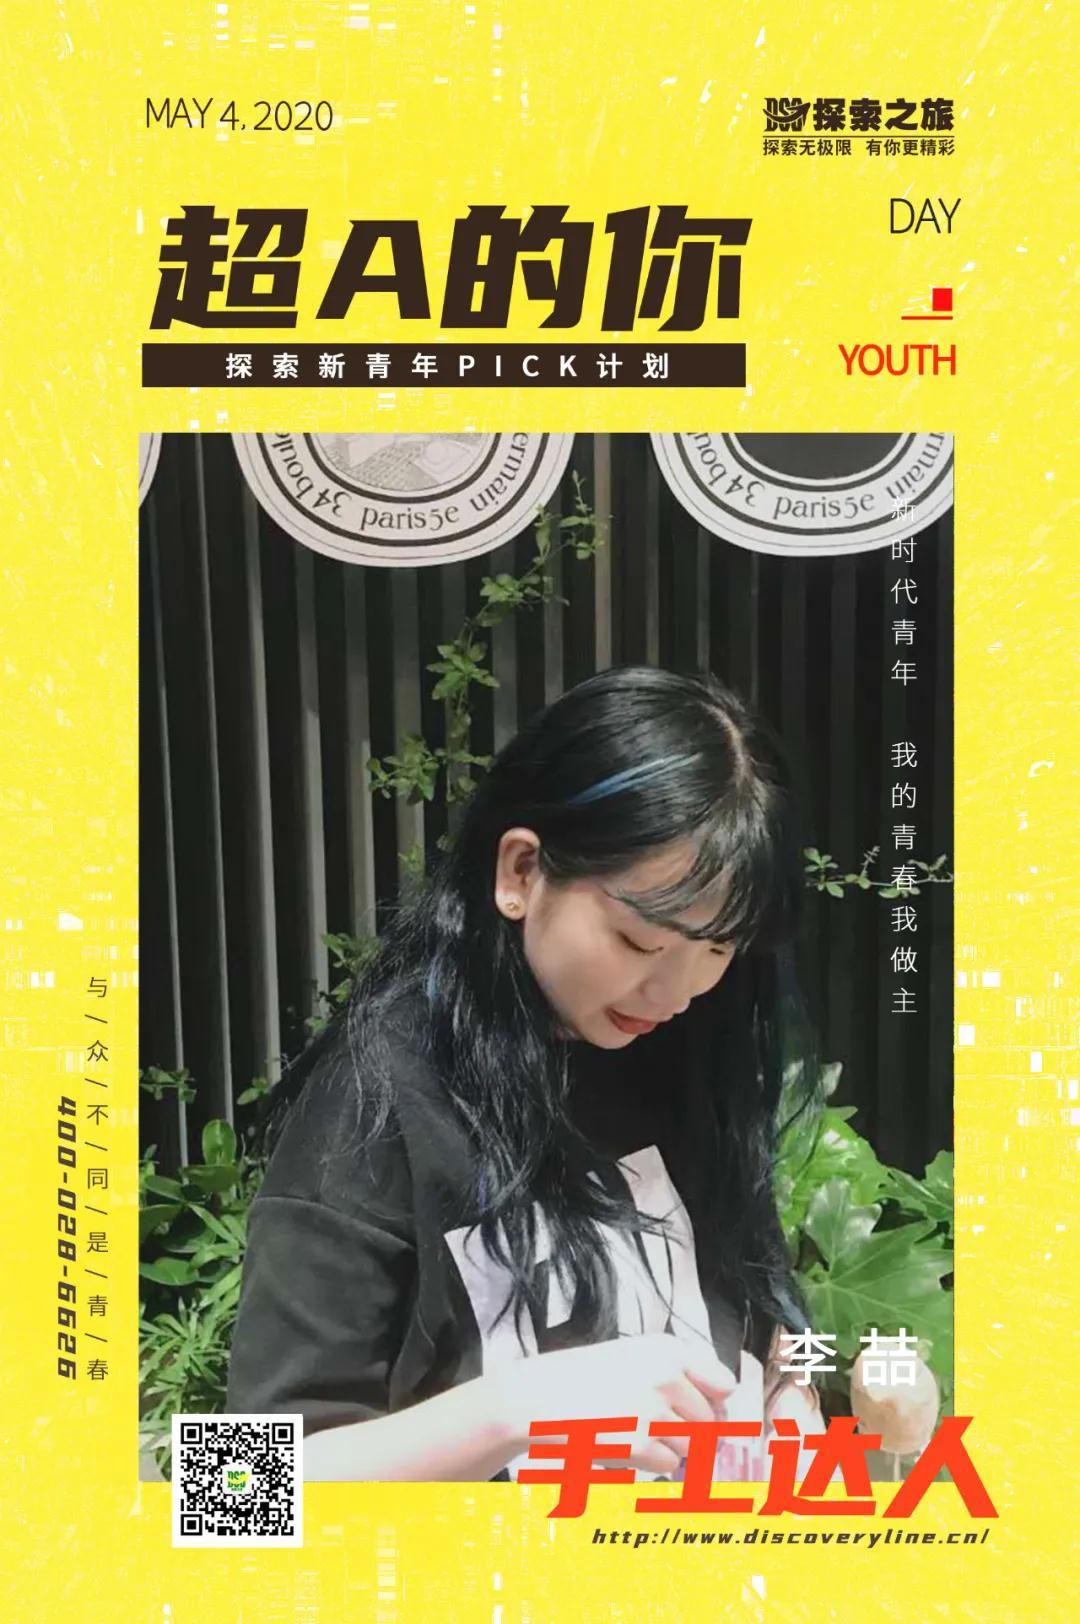 探索之旅 | 以青春之我,传承五四精神,传递青春榜young!